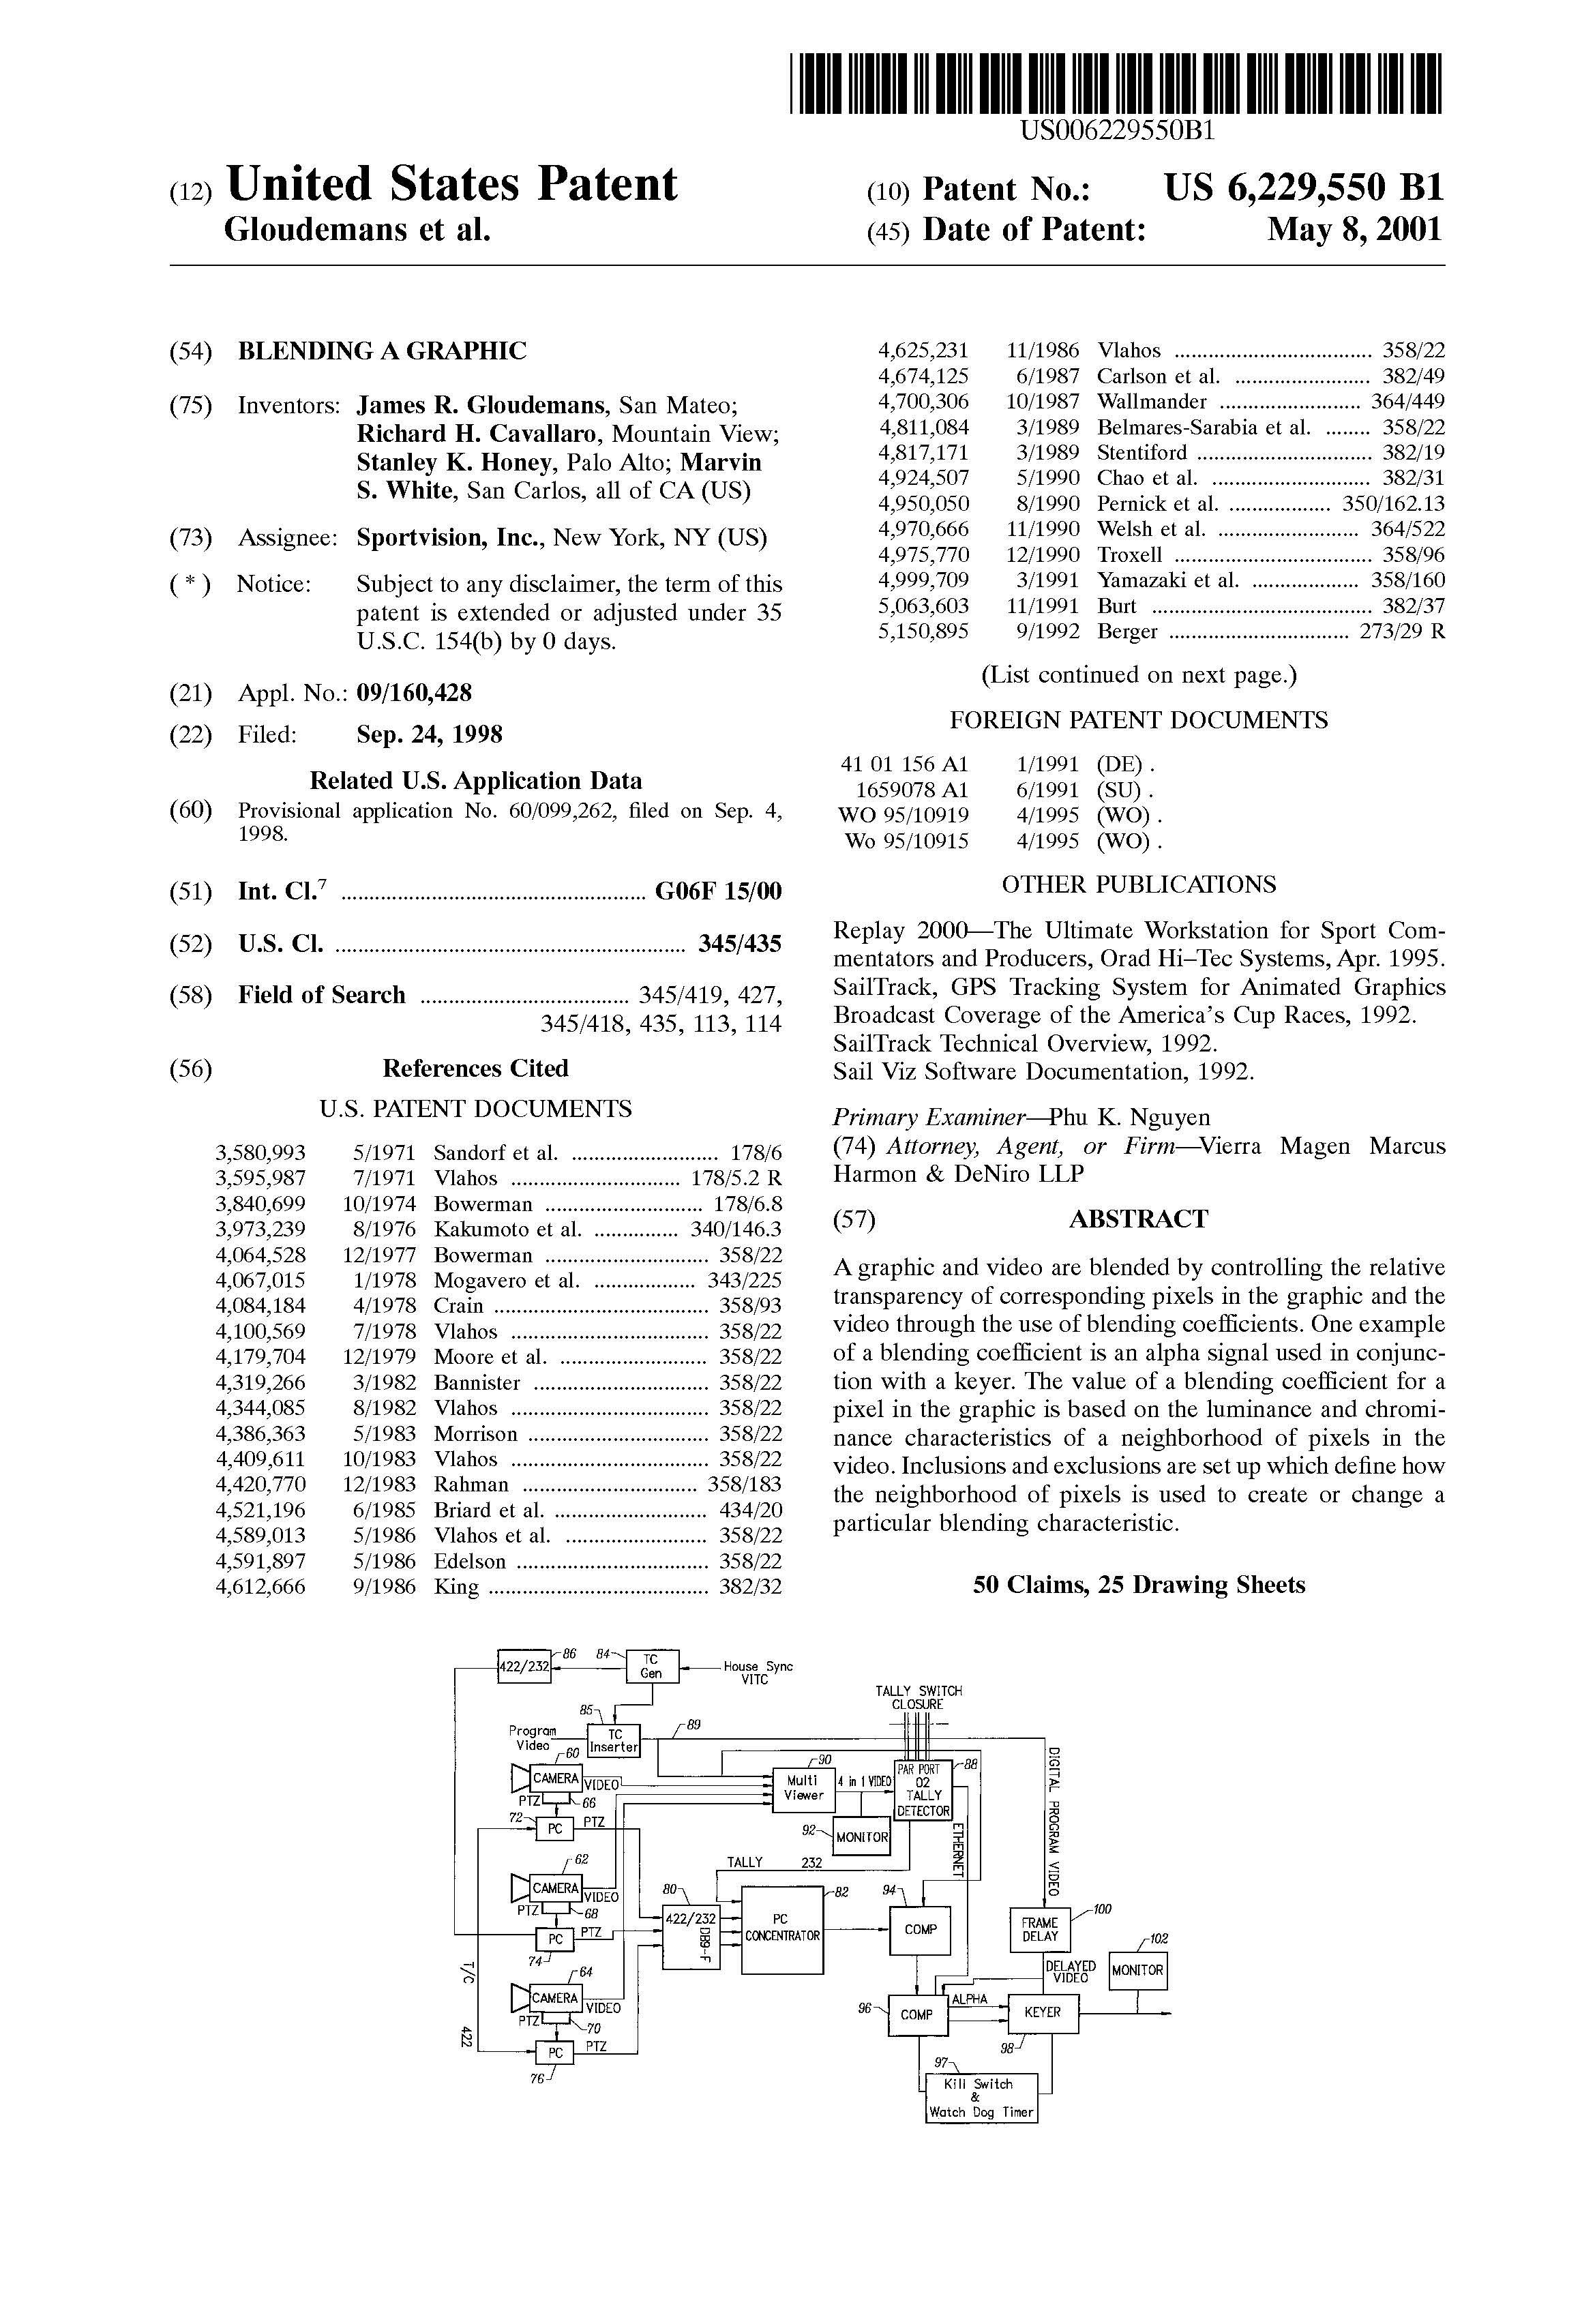 U.S Patent No. 6,229,550